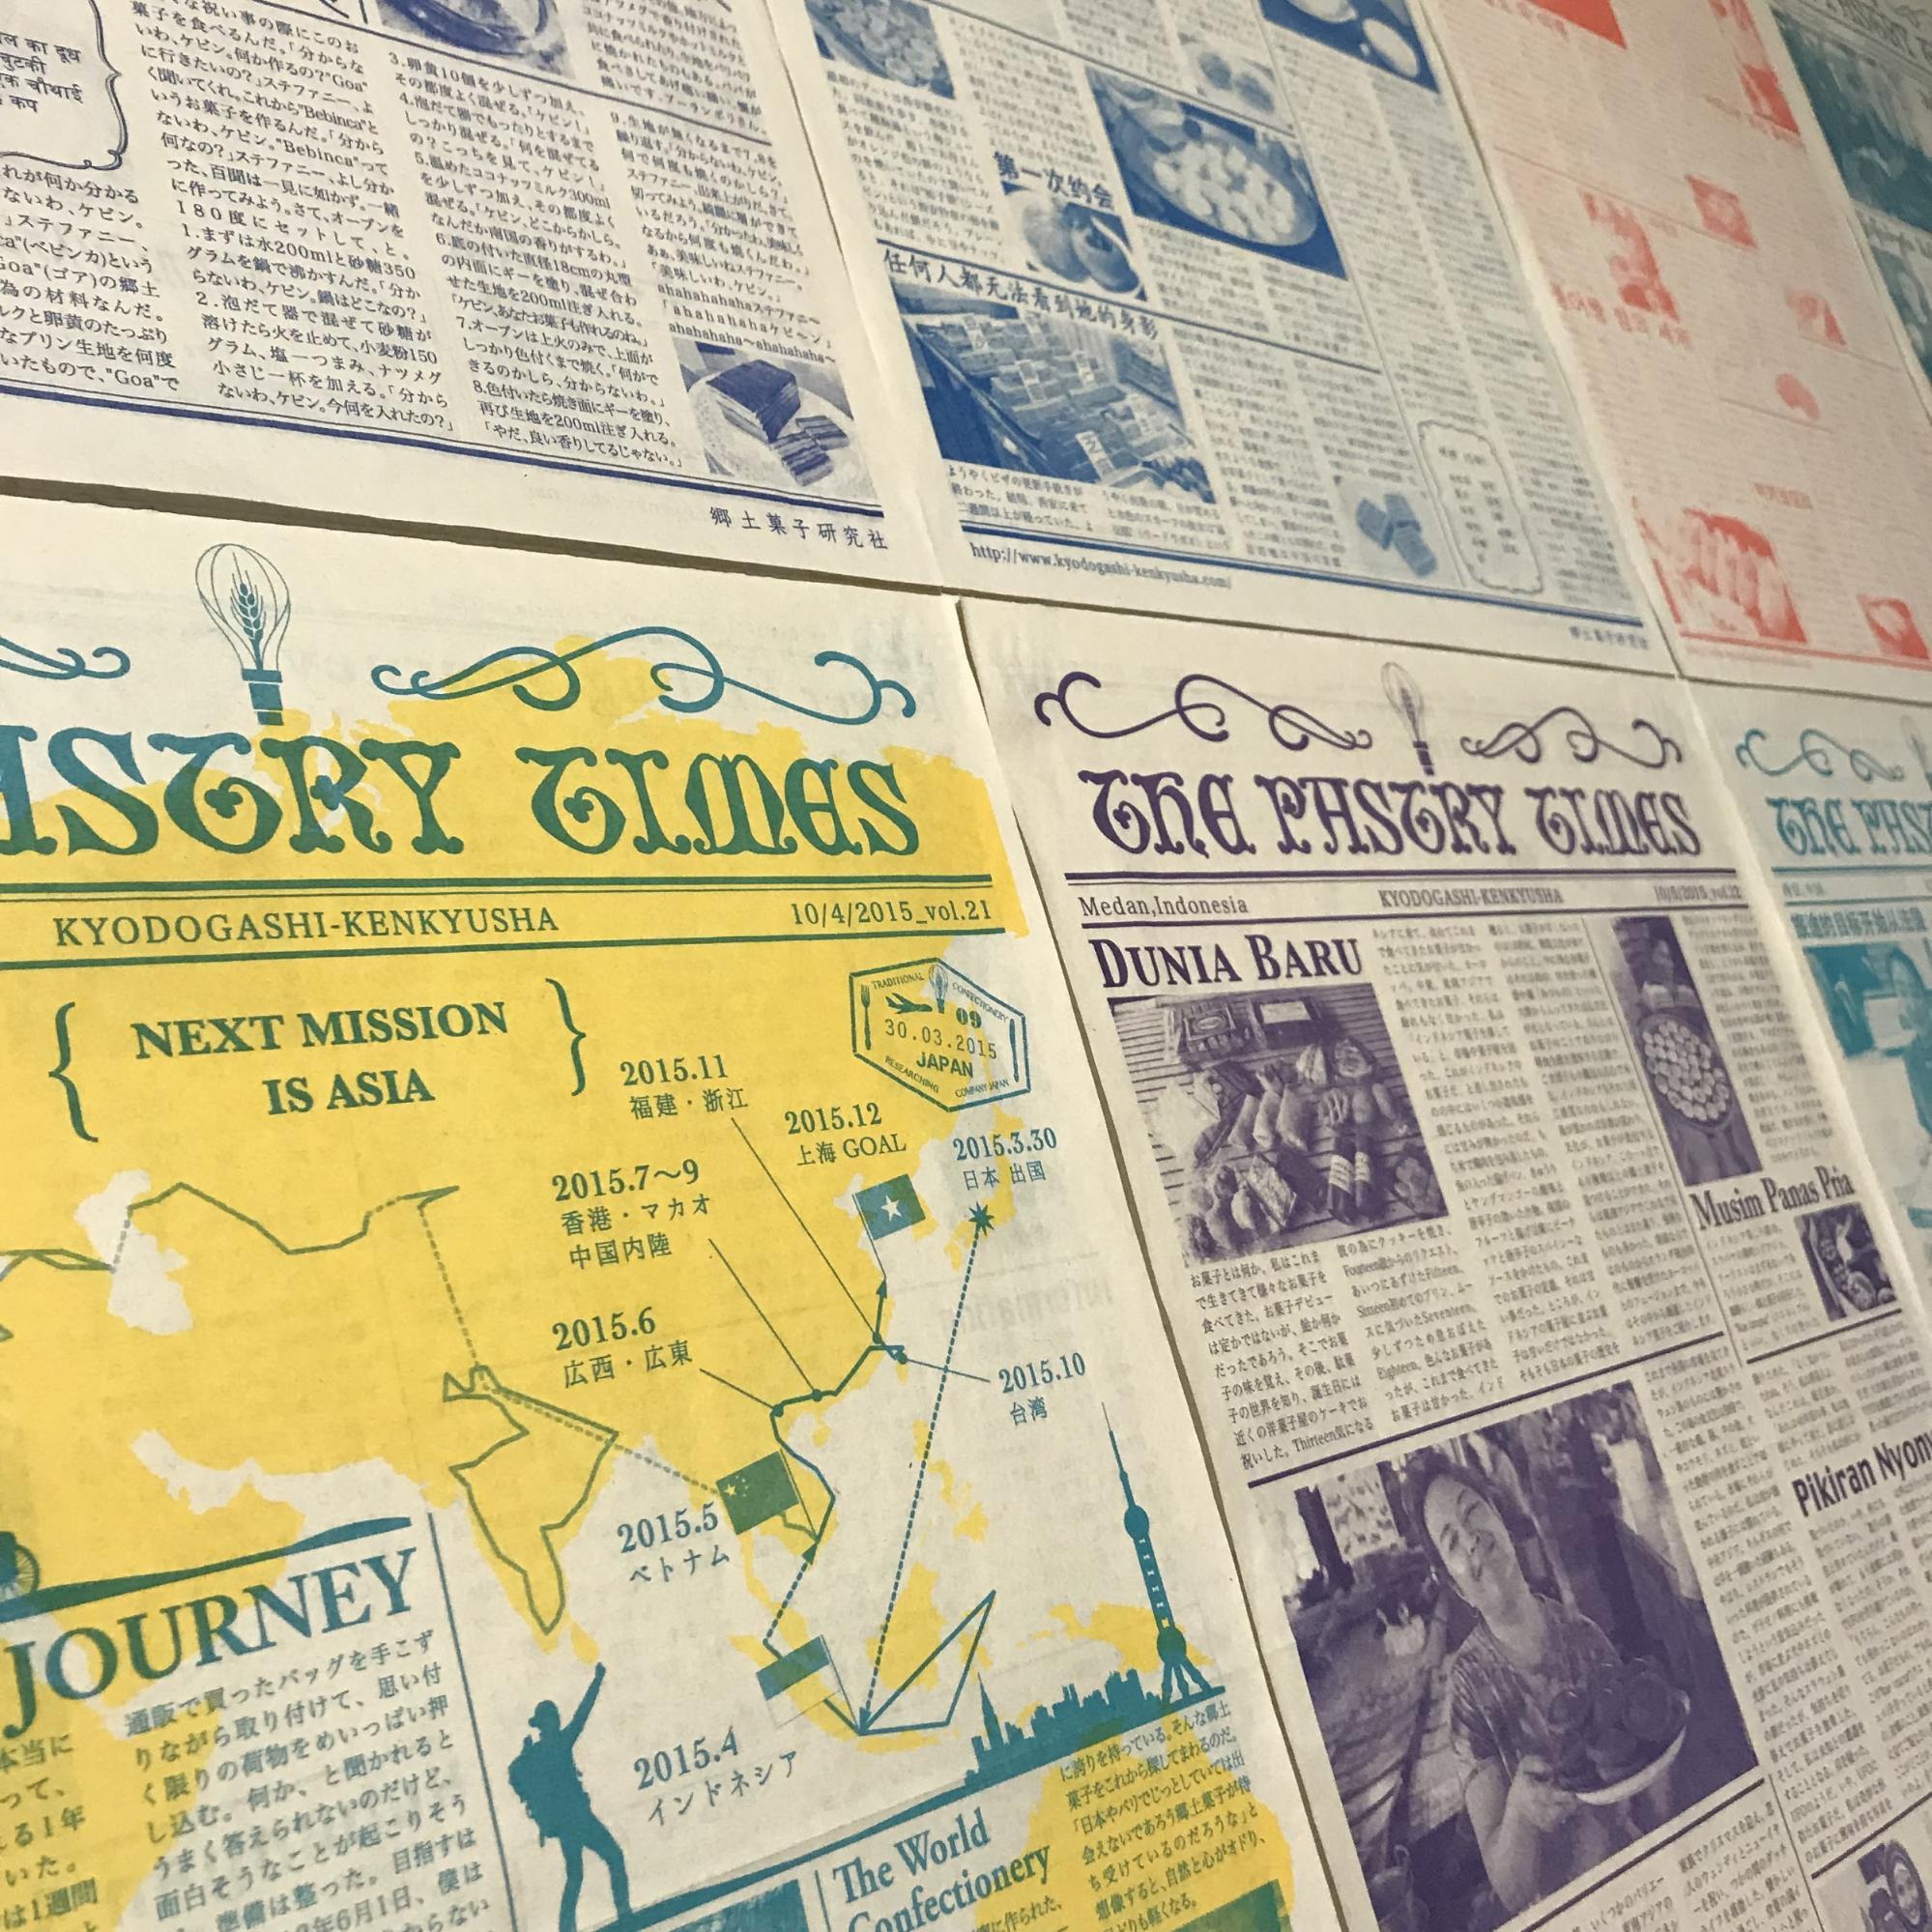 世界中を旅した「郷土菓子研究所」の方が発行した新聞